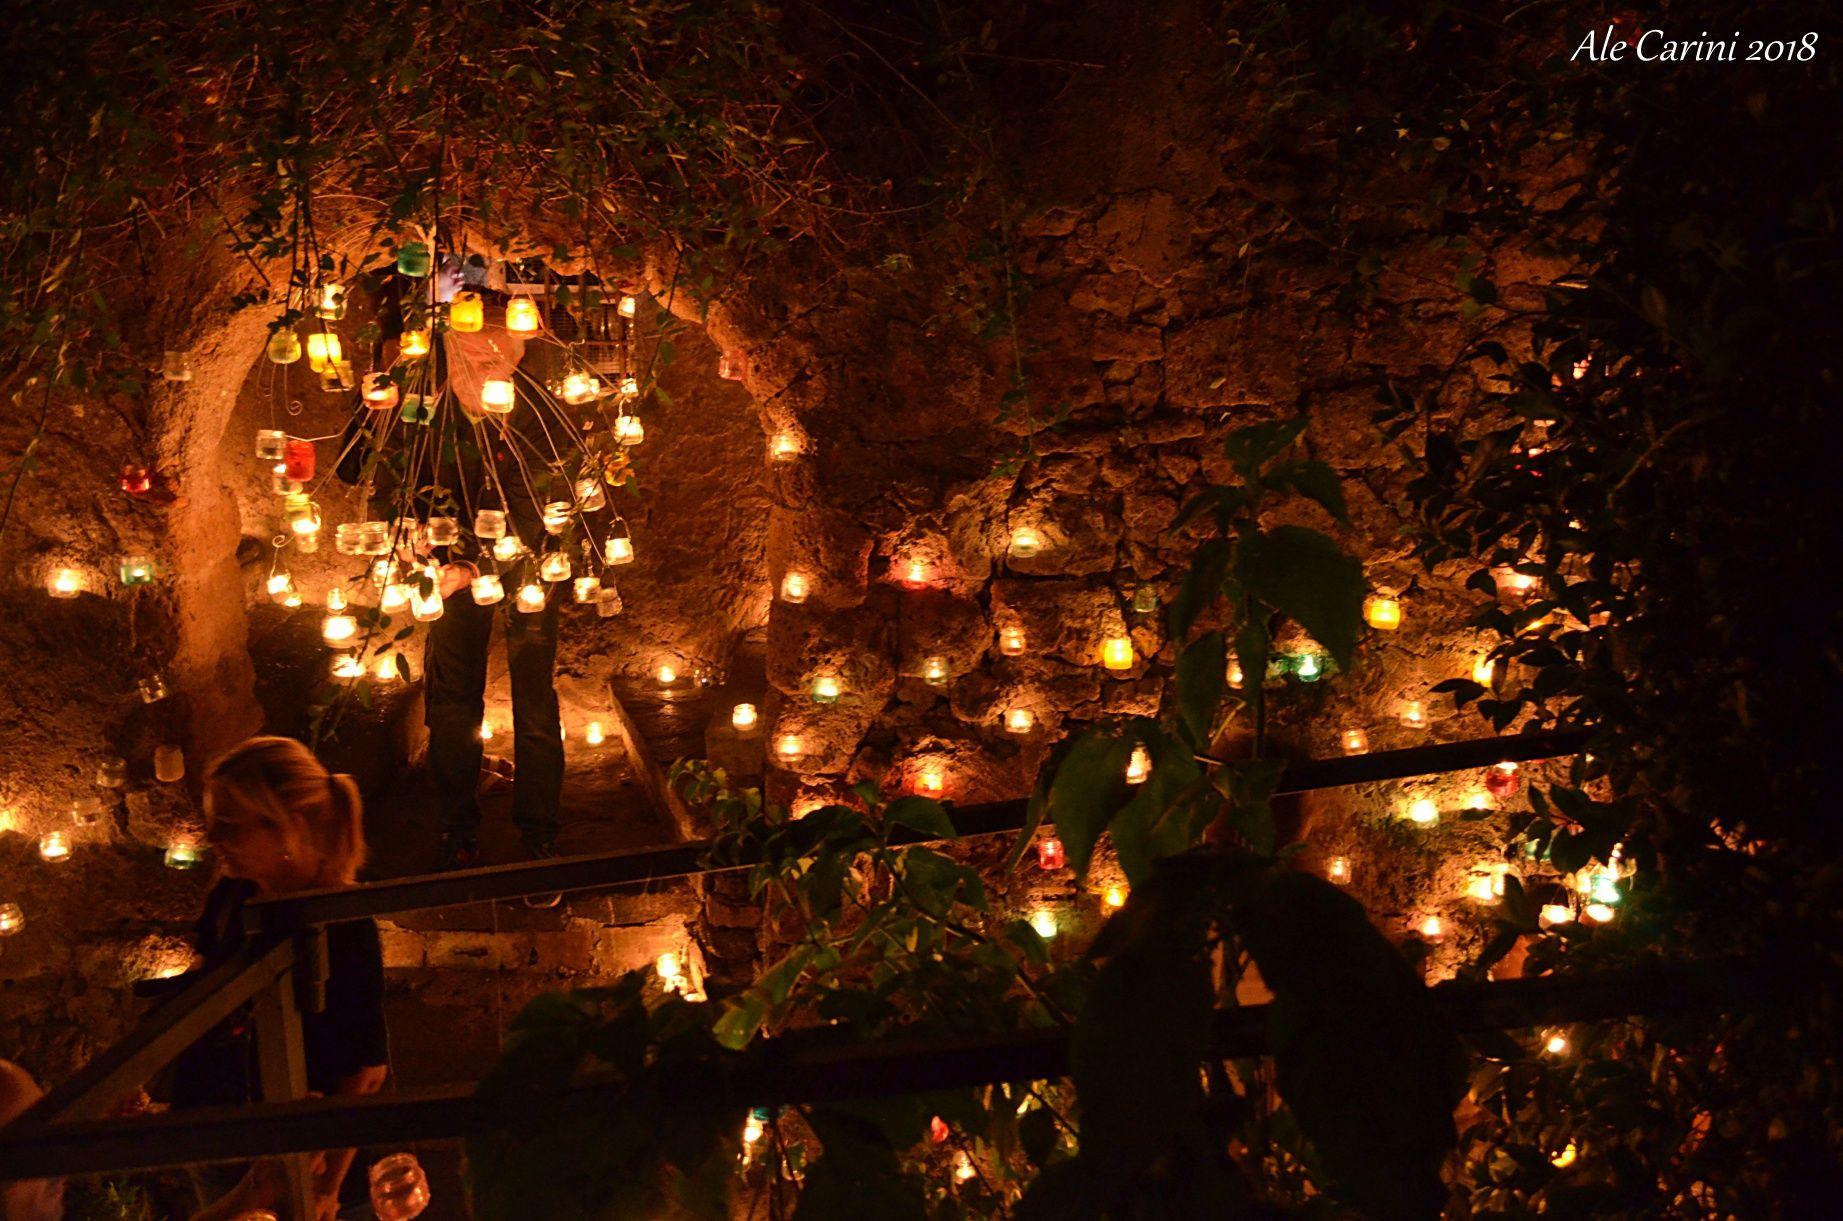 candele illuminate